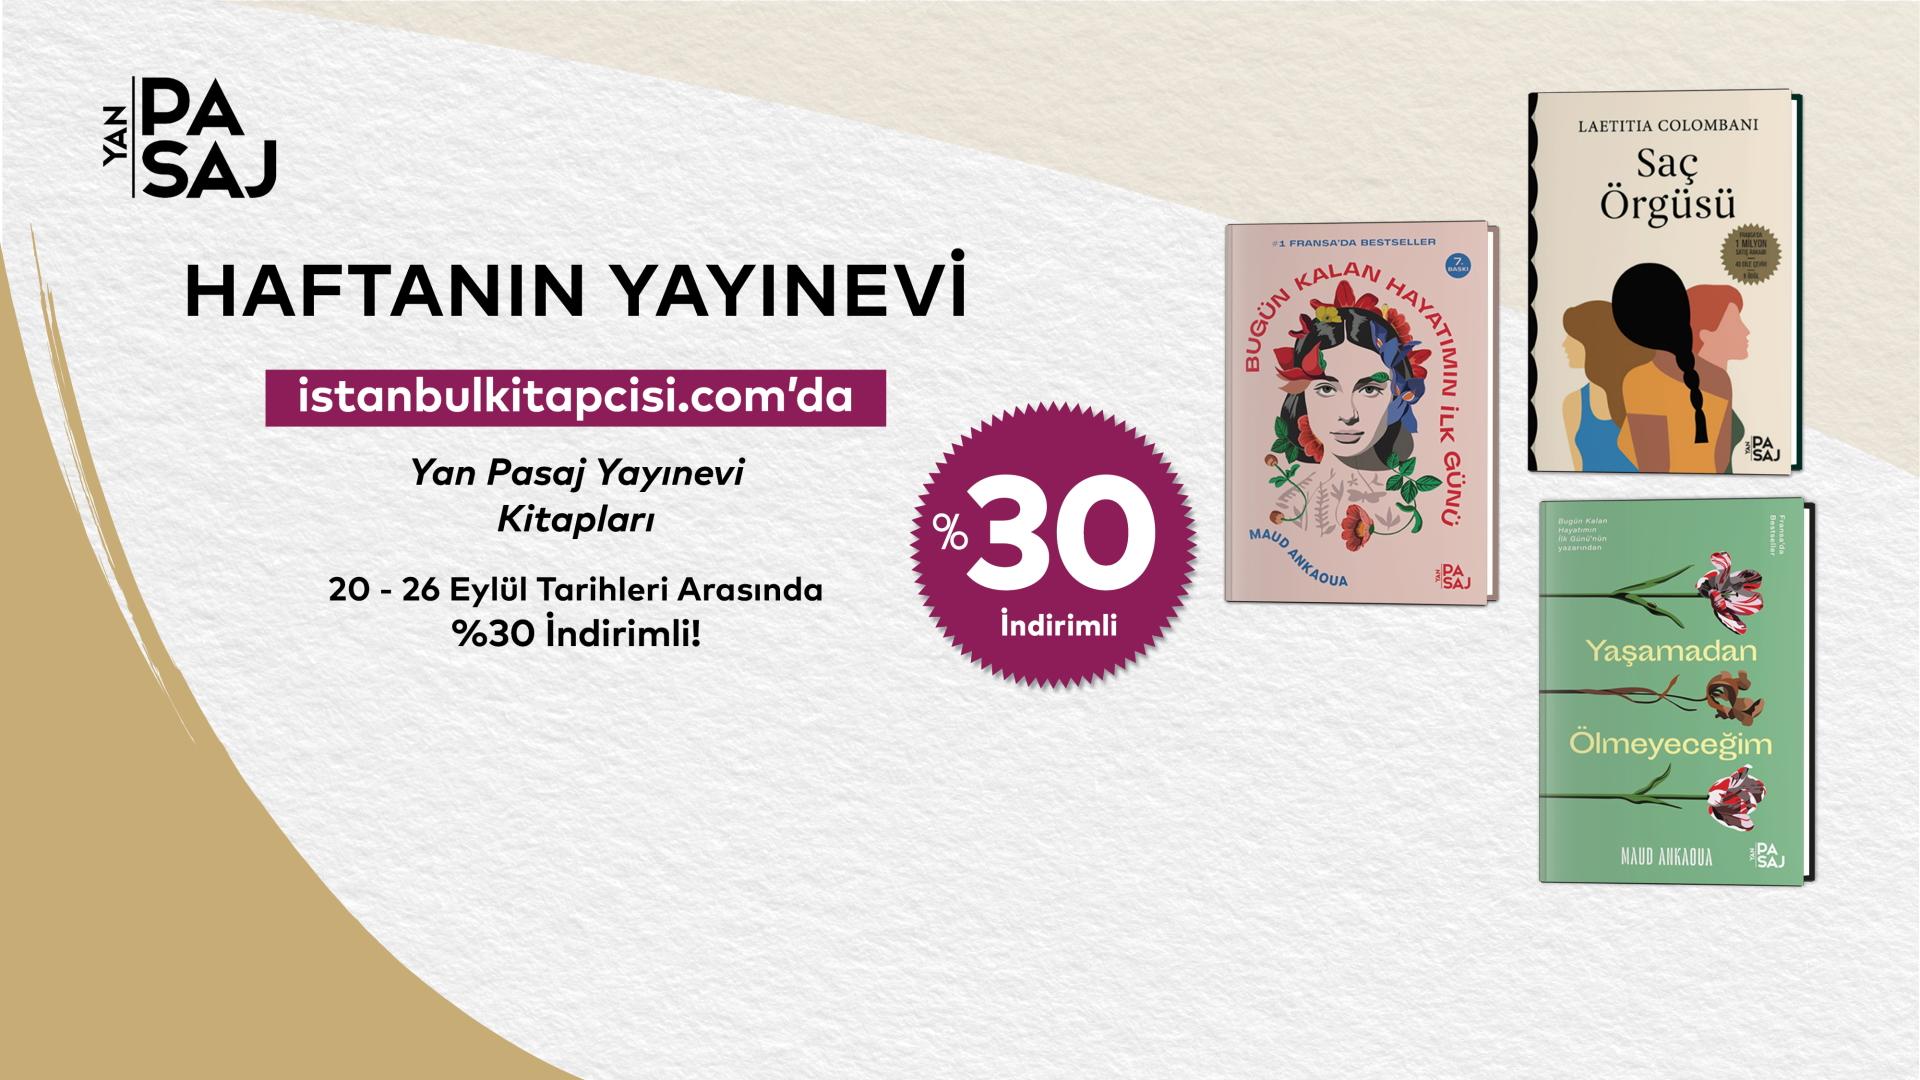 Yan Pasaj Yayınevi'nin tüm kitapları, www.istanbulkitapcisi.com'da %30 indirimde!